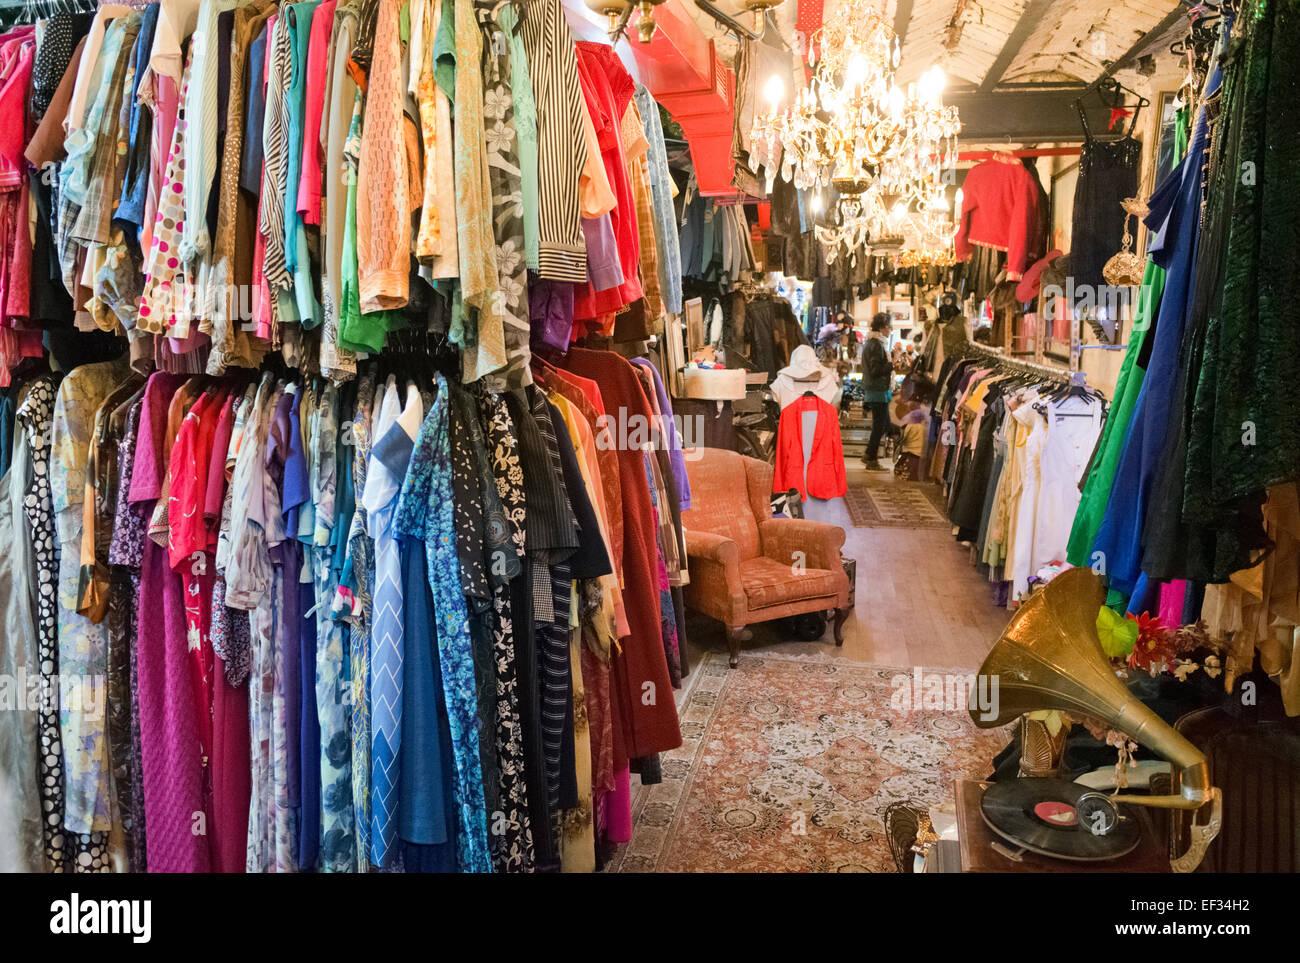 Tienda de ropa retro Imagen De Stock